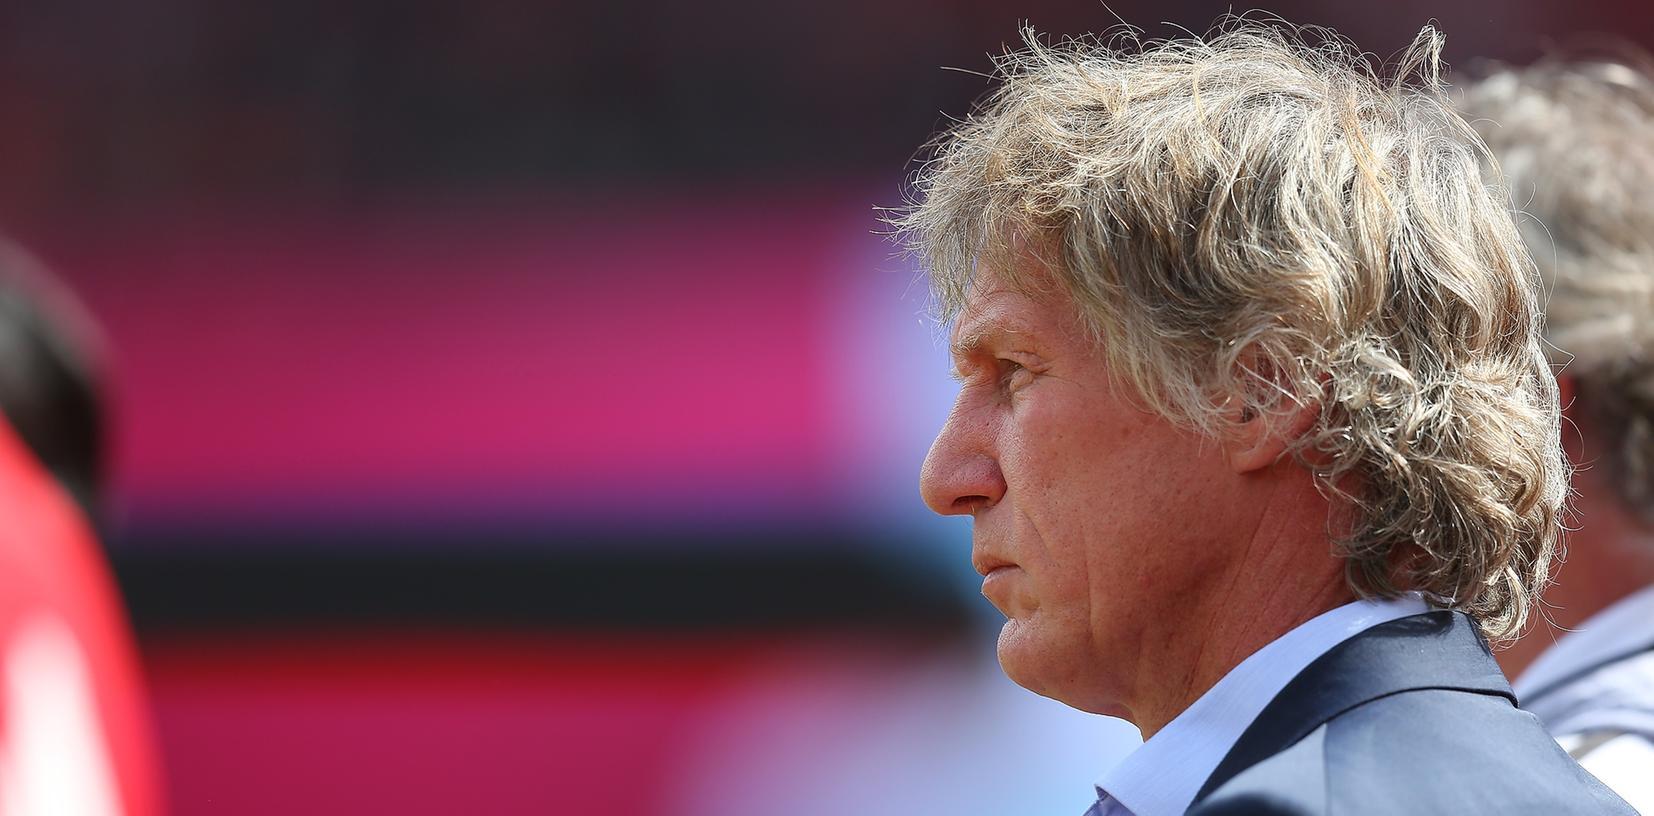 Gertjan Verbeek wird beim 1. FC Nürnberg wohl am Mittwoch entlassen.